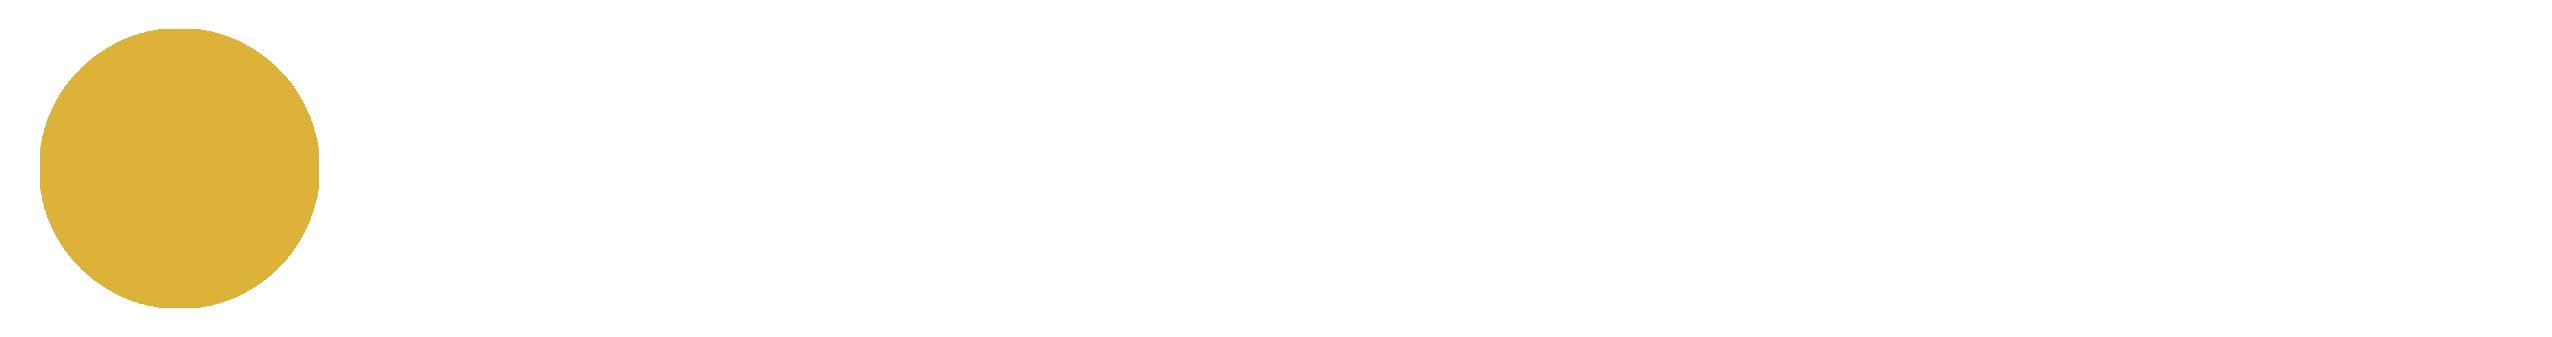 dedots-afbeelding-02c-compressor